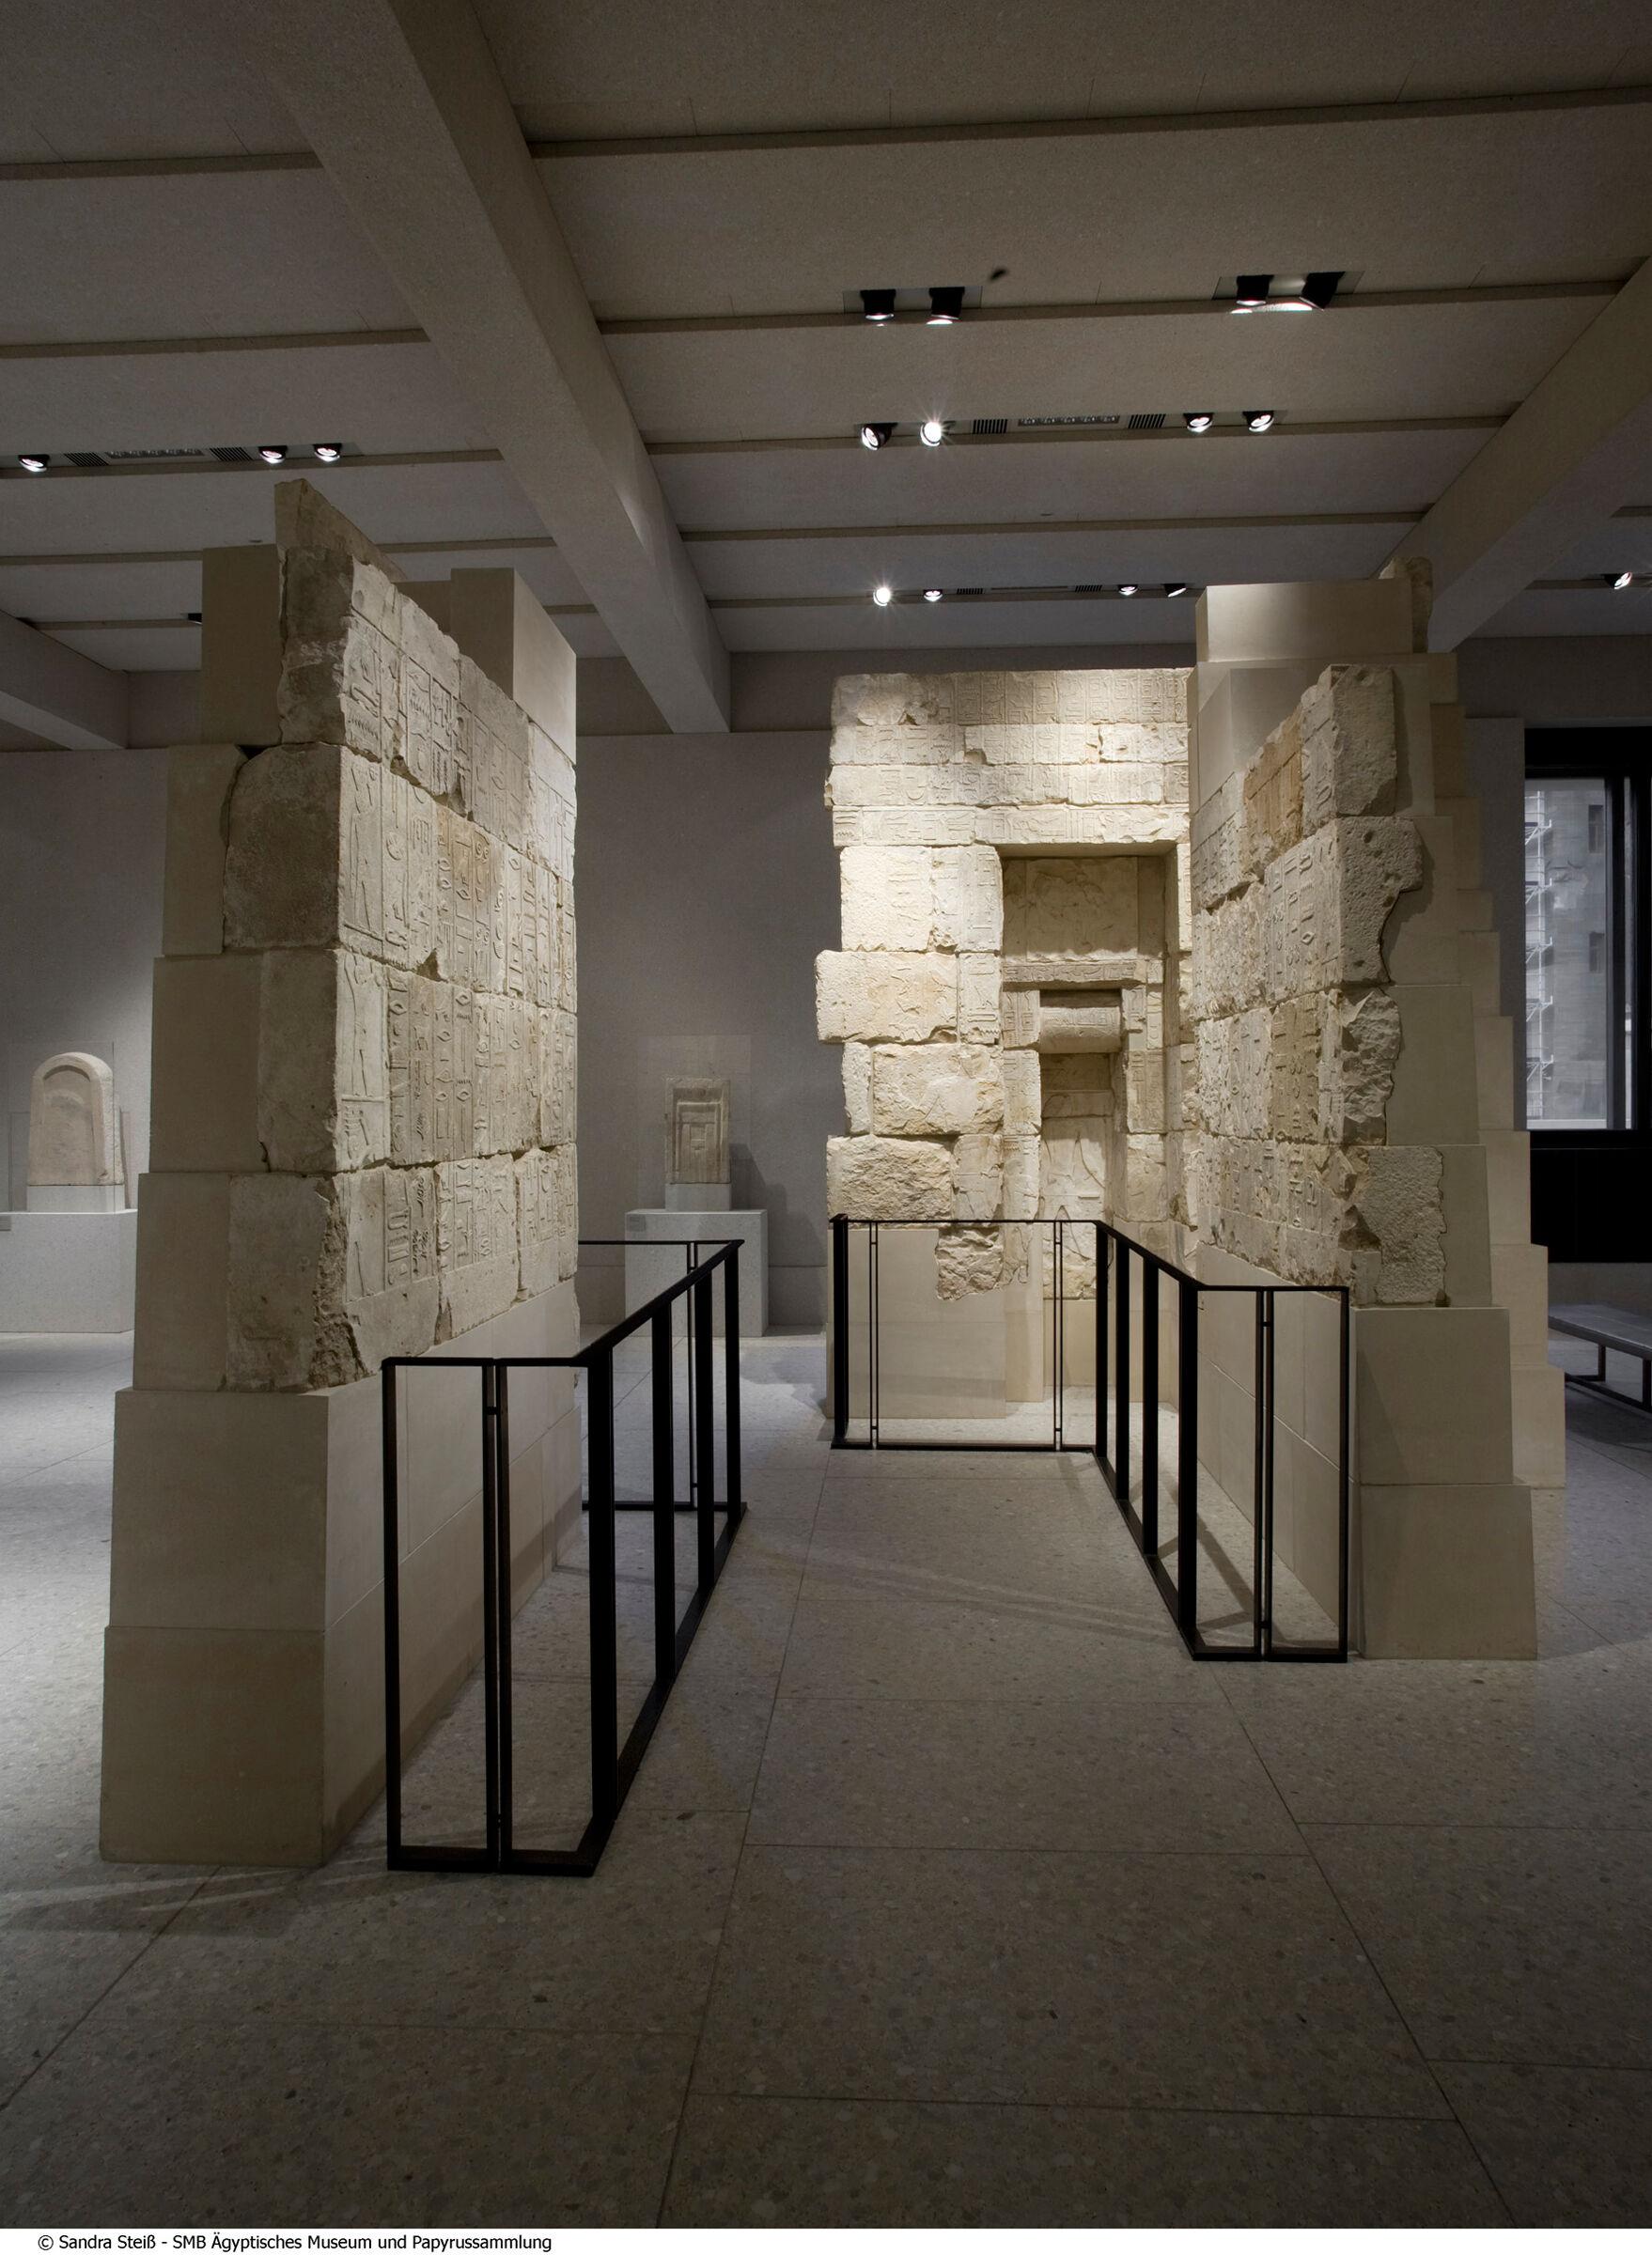 Ägyptisches Museum und Papyrussammlung, Berlin: Site: Giza; View: G 2100-I Chapel